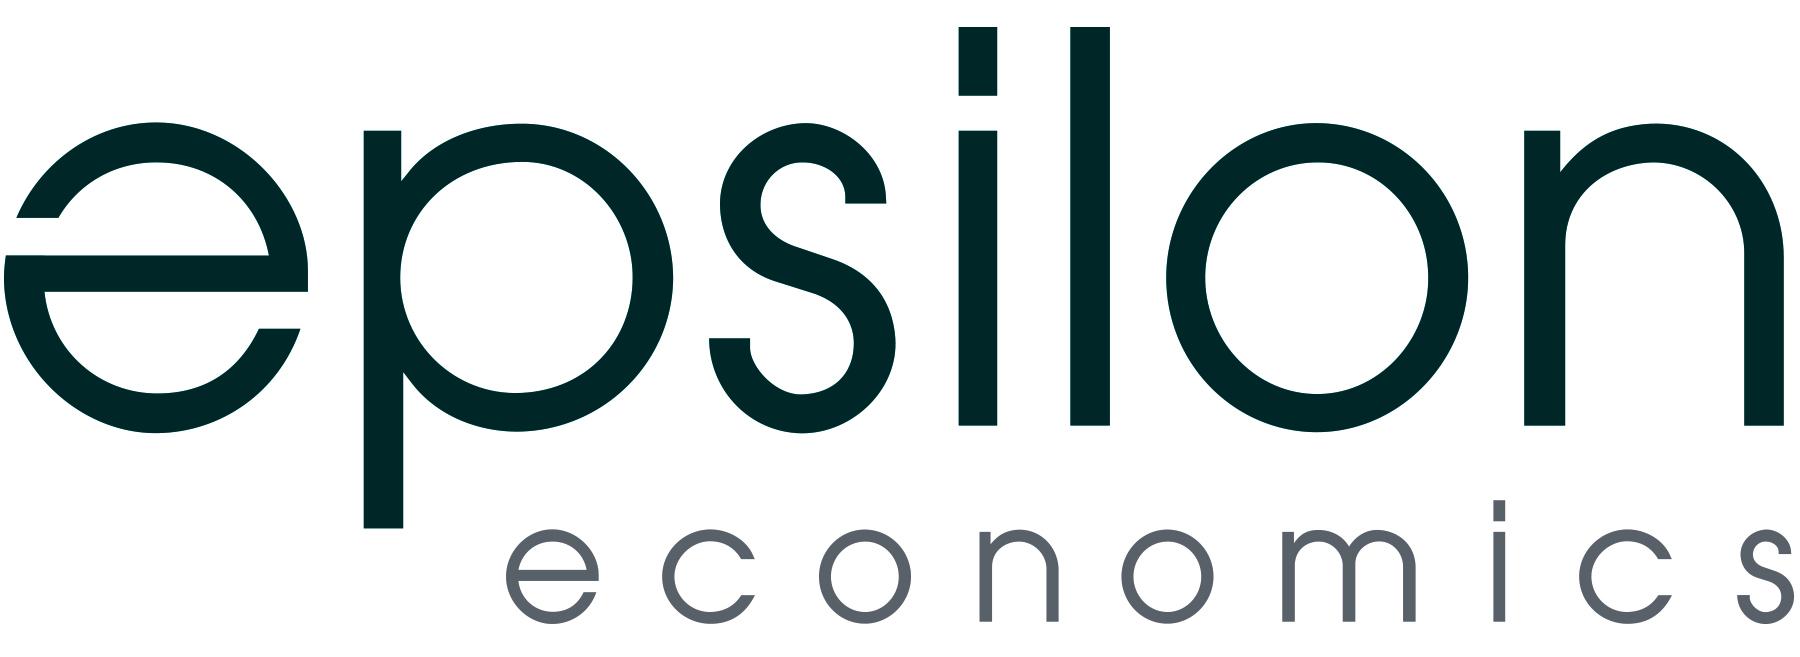 Epsilon_logo_CMYK.JPG